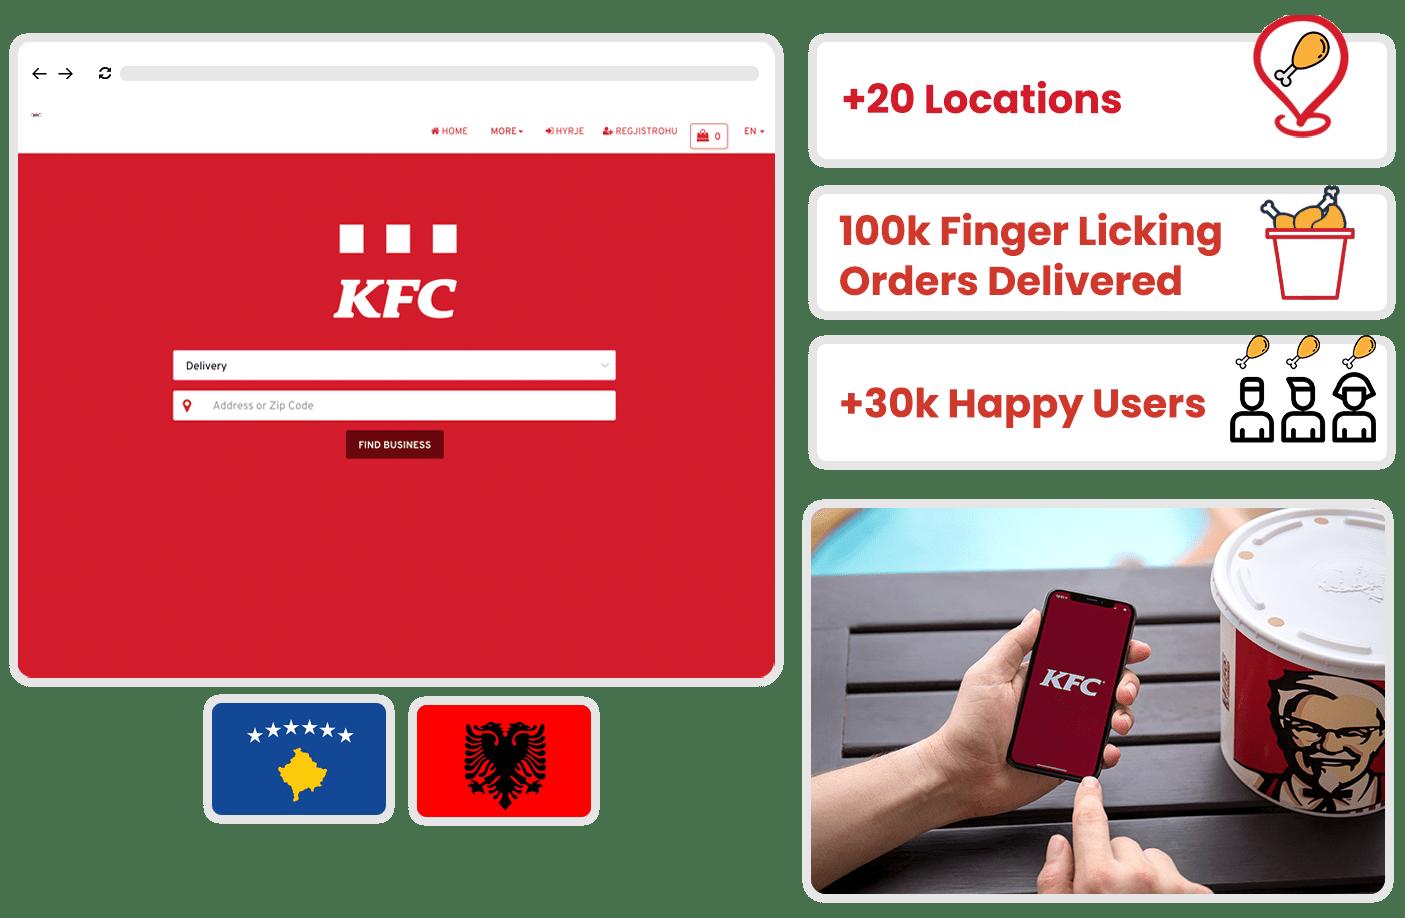 KFC-Brand-min